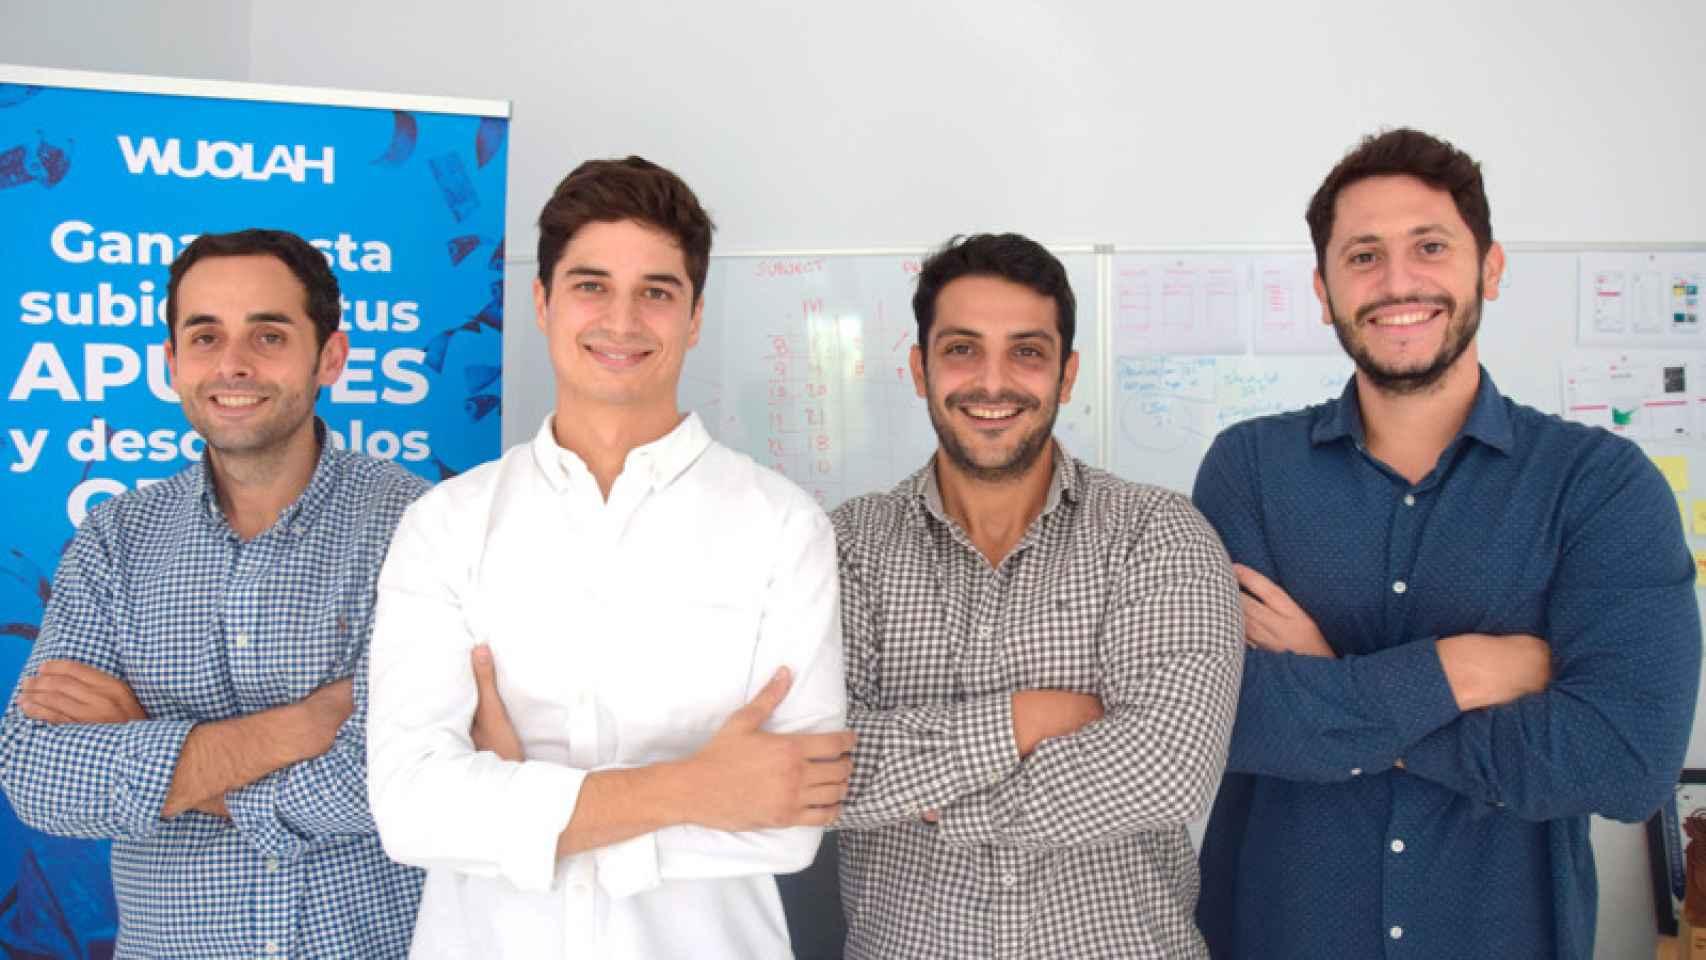 Francisco Martínez, Enrique Ruiz, Javier Ruiz y Jaime Quintero (Wuolah)